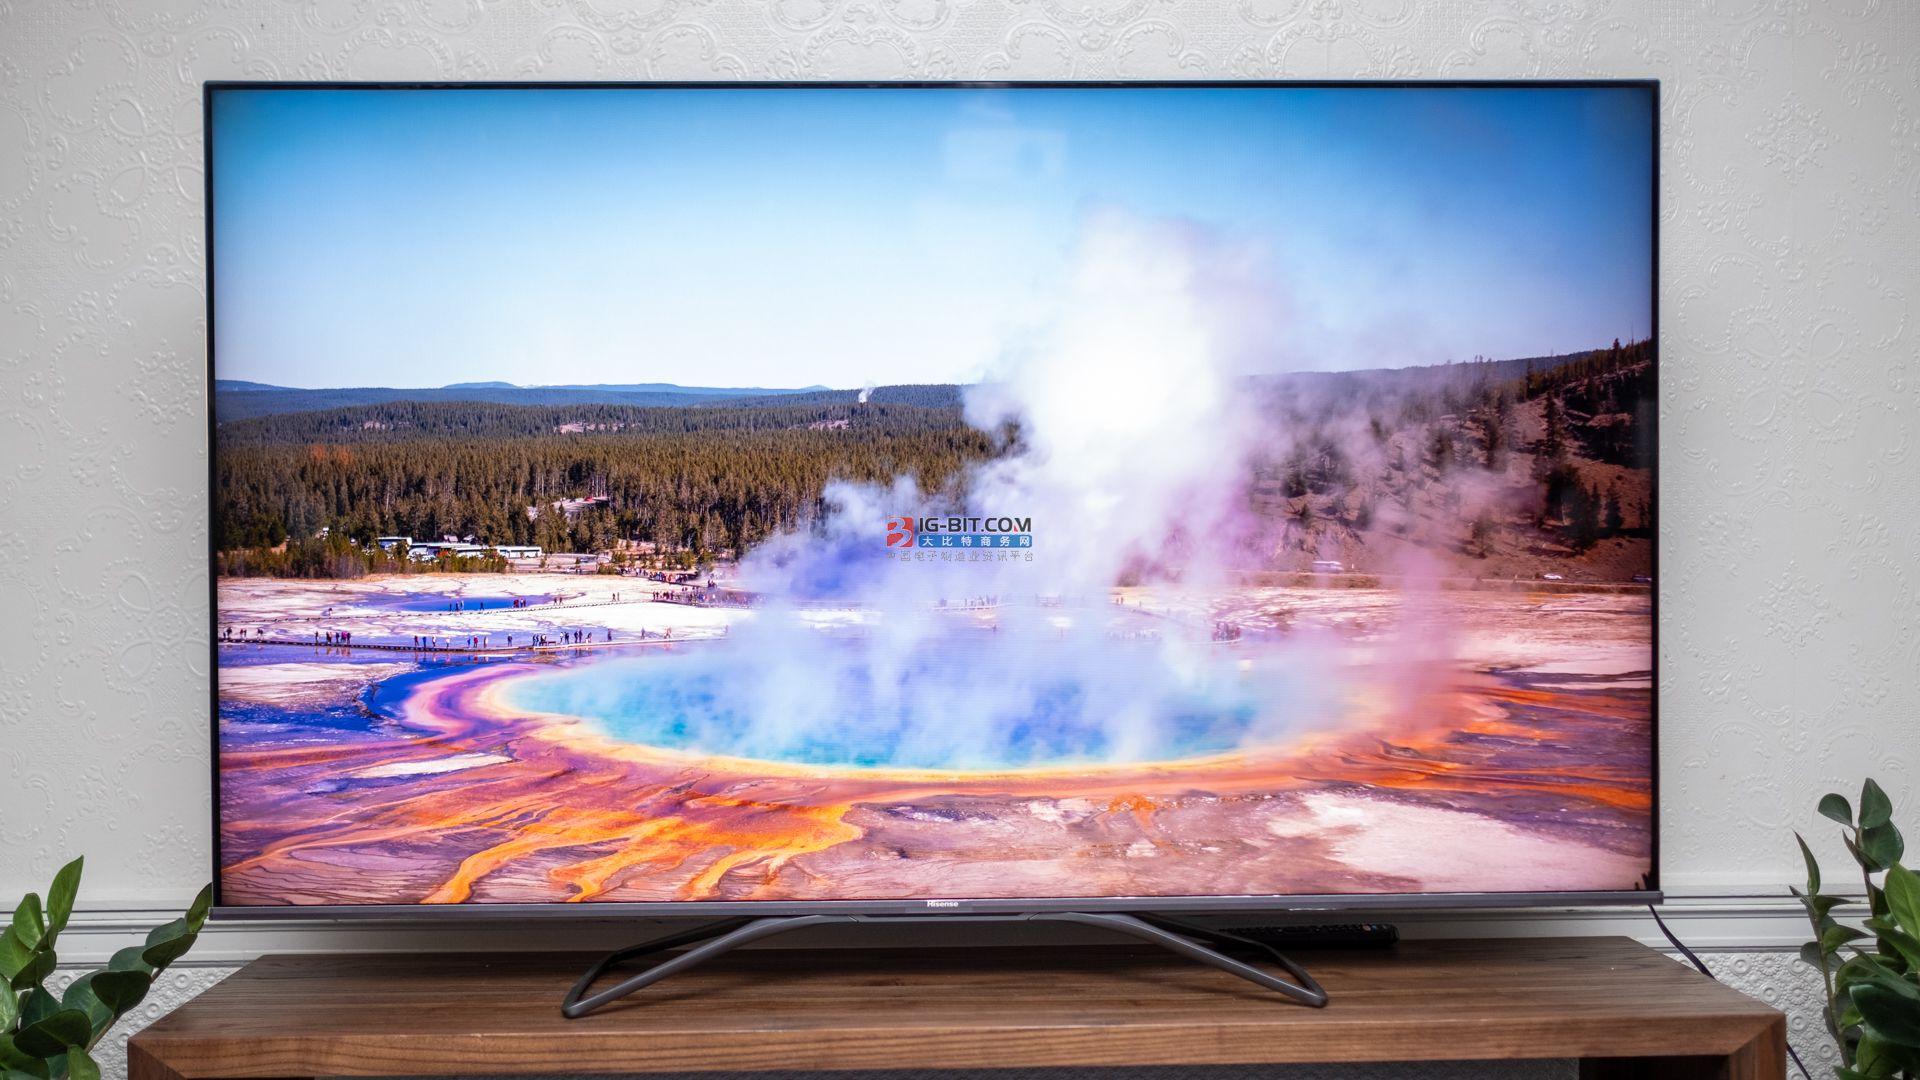 超高清大屏电视渐普及 激光电视成过渡性产品?